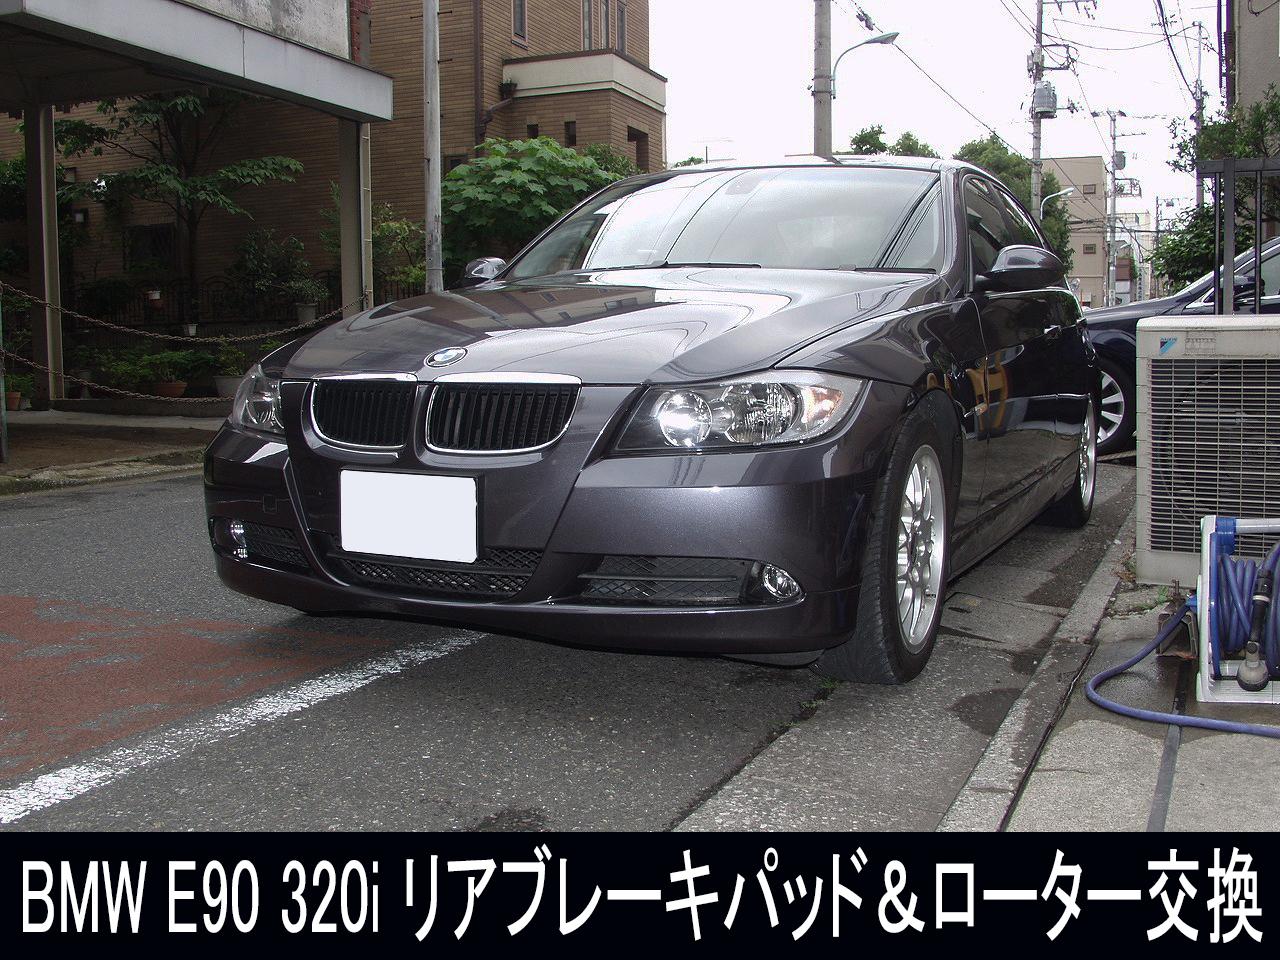 【社外部品で格安修理】BMW320i(E90)リアブレーキパッド&ローター交換画像